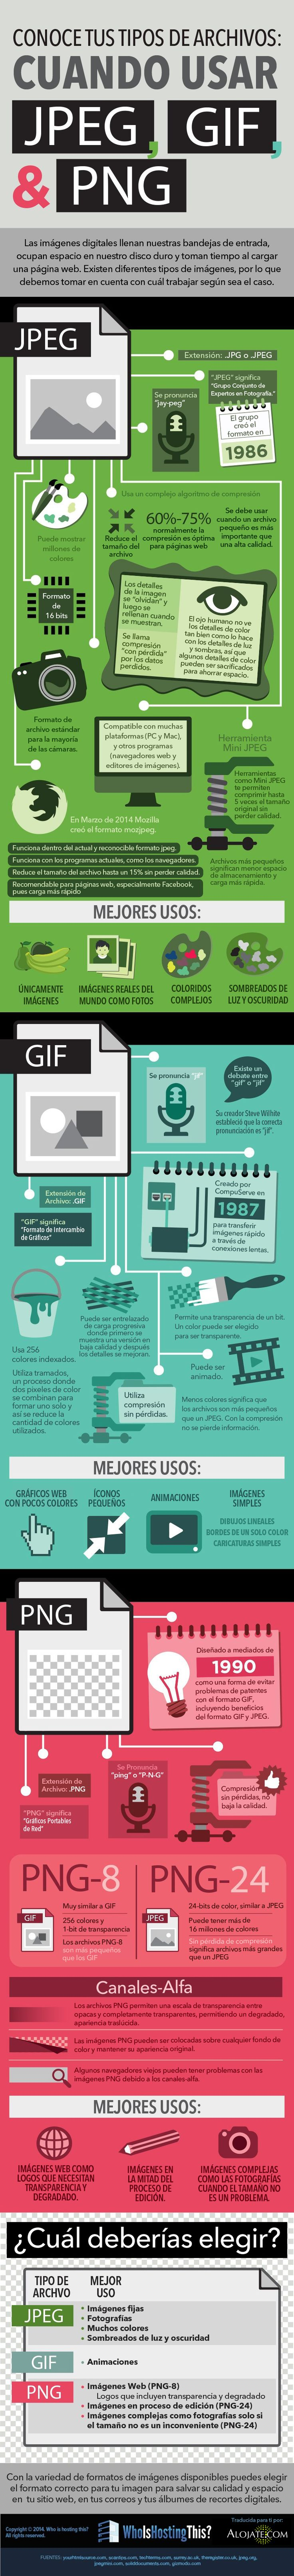 Infografía sobre cuándo usar JPG, PNG o GIF MUY BUENA E INFORMATIVA!!